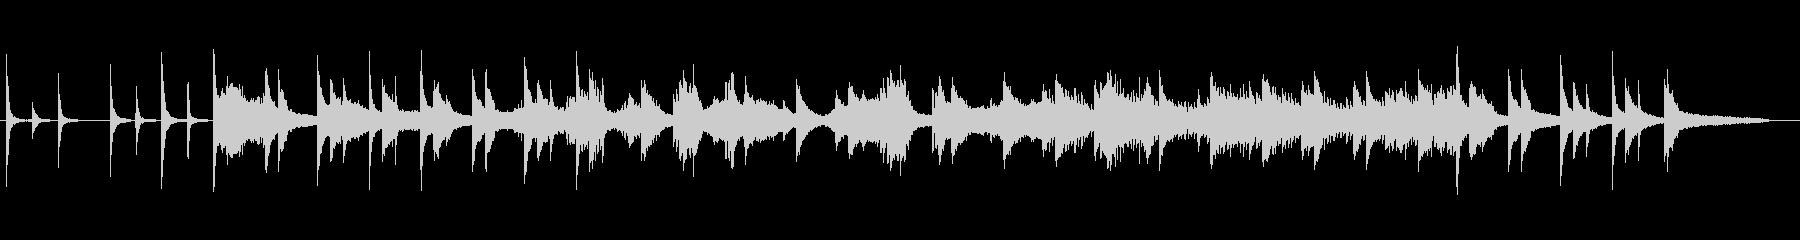 物静かなピアノとバイオリンの協奏曲の未再生の波形